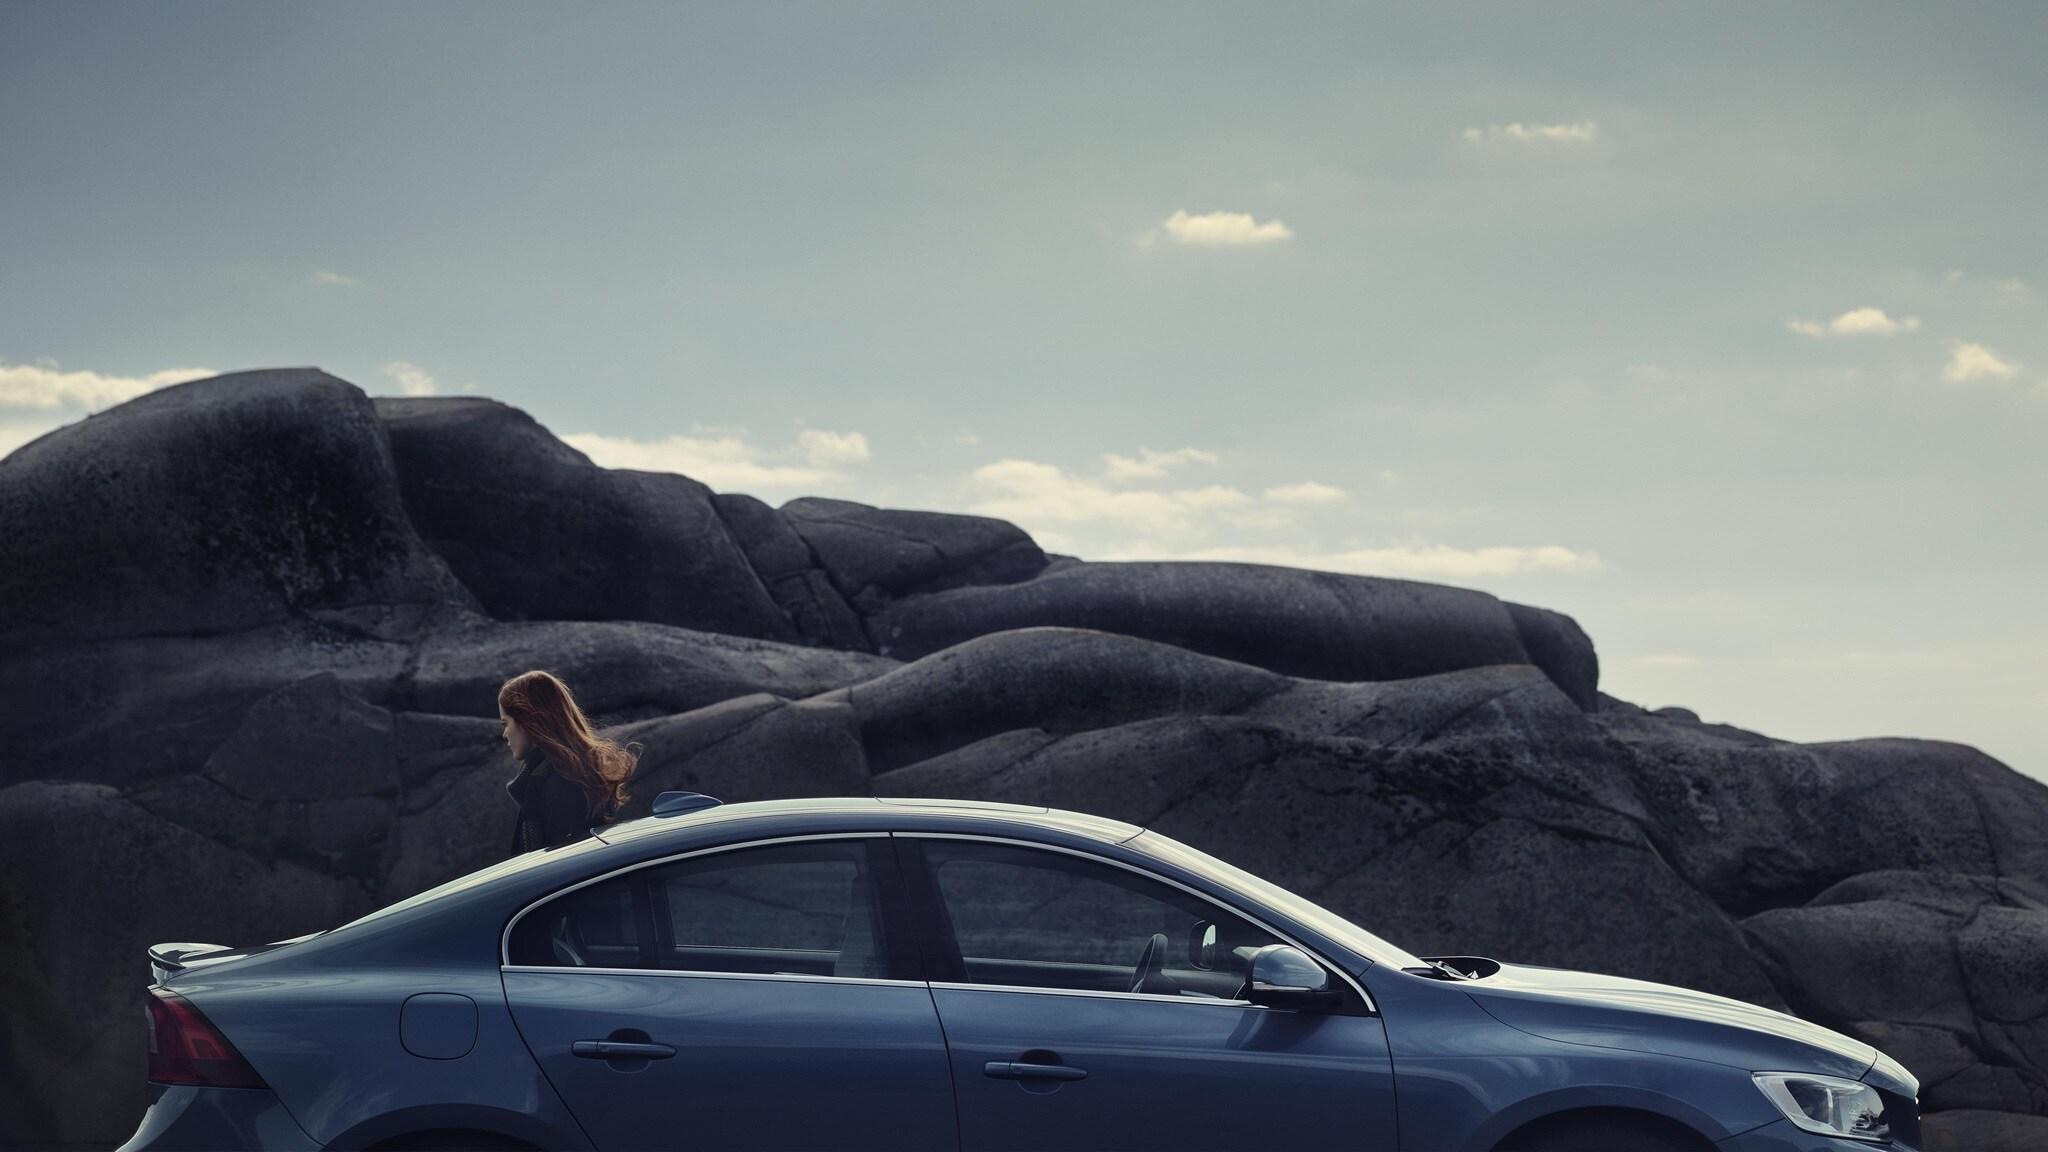 Volvo Slc >> Certified Pre Owned Volvo Ken Garff Slc Utah